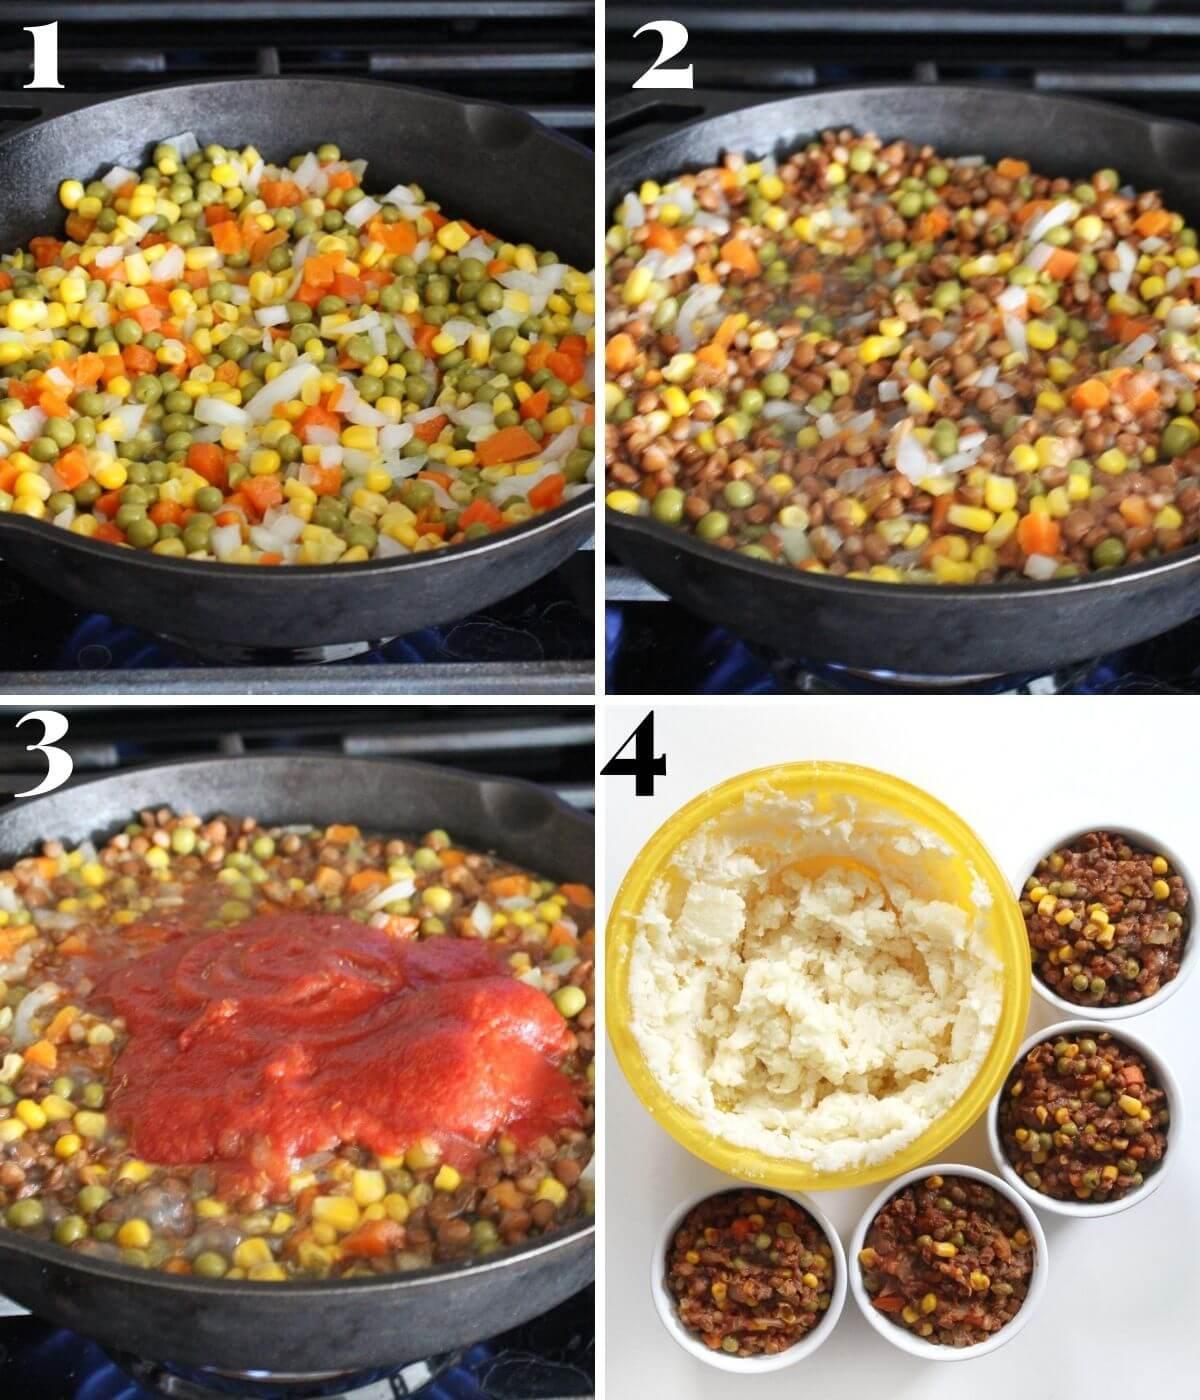 steps for making lentil shepherd's pie